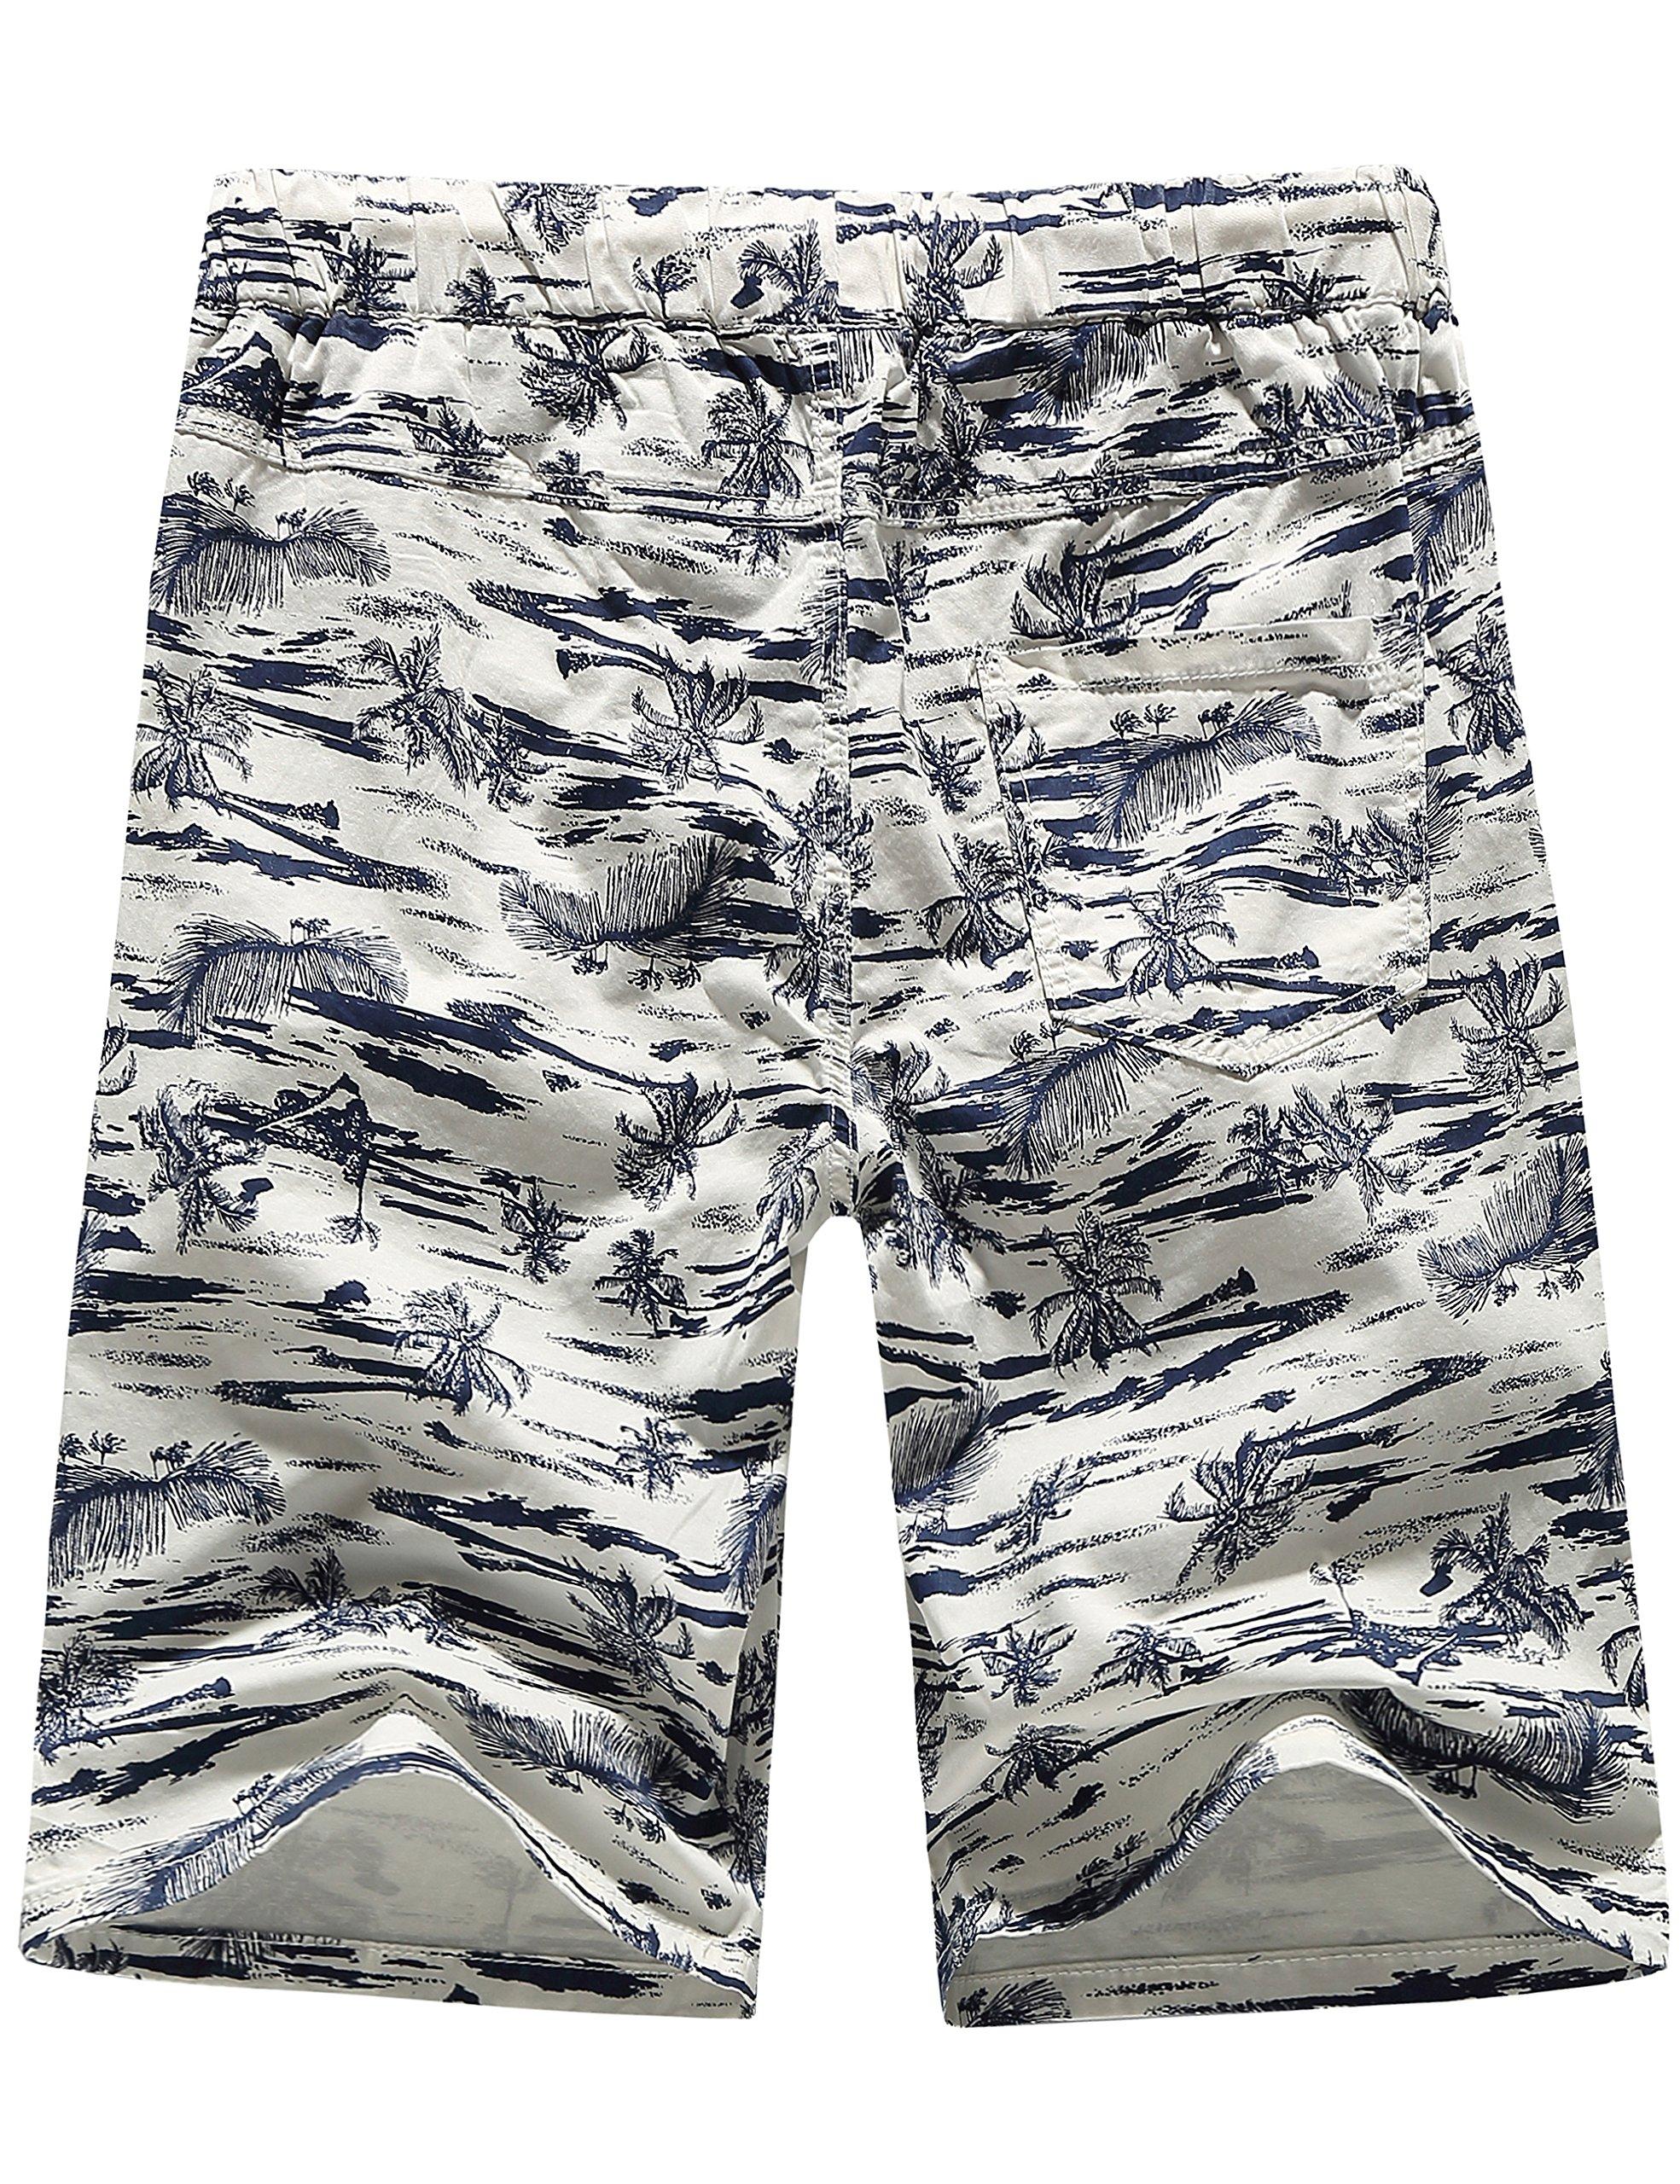 SSLR Men's Flat Front Hawaiian Casual Drawstring Board Shorts (34, White) by SSLR (Image #2)